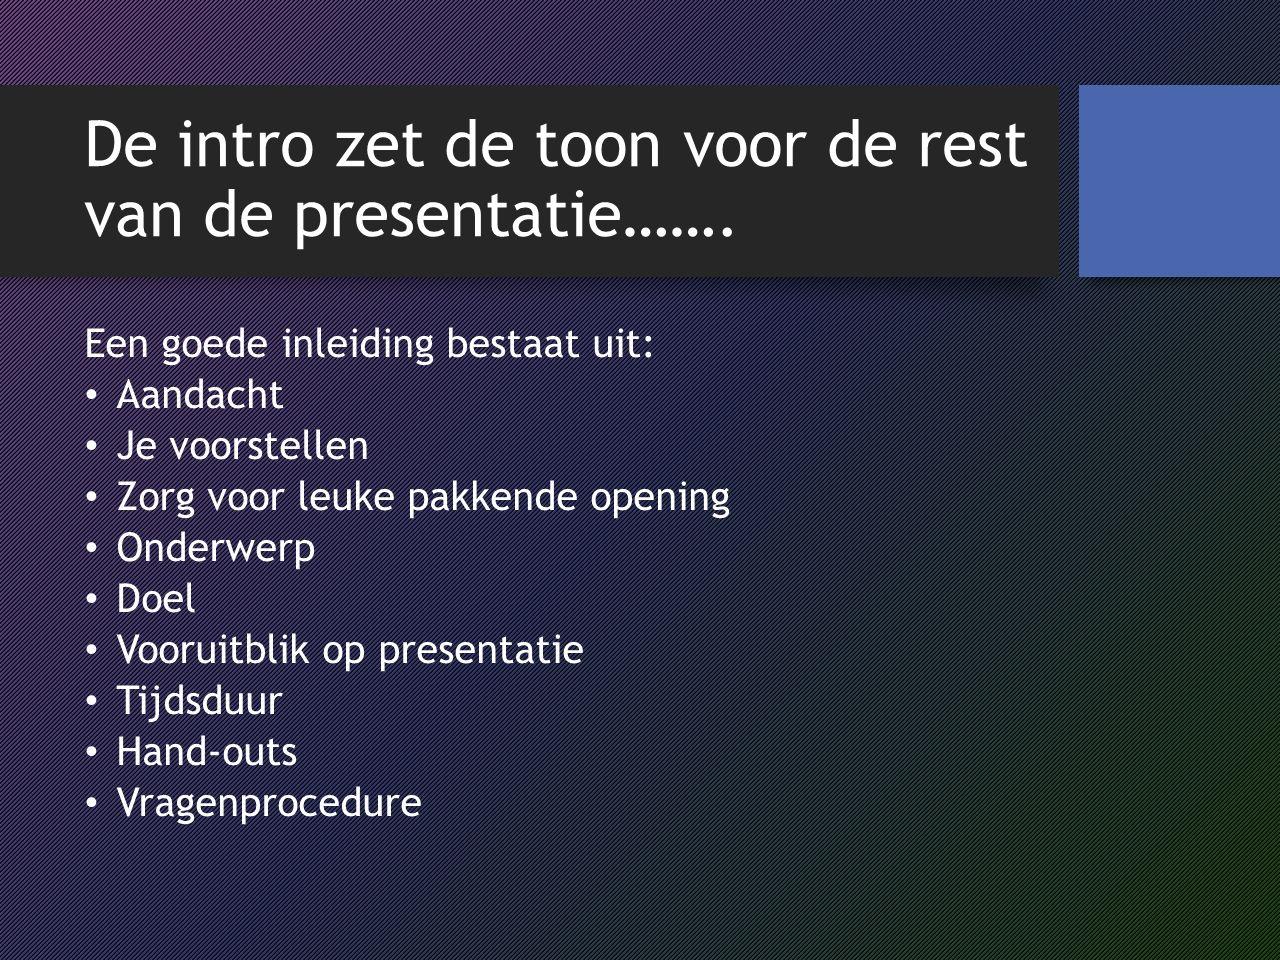 De intro zet de toon voor de rest van de presentatie……. Een goede inleiding bestaat uit: Aandacht Je voorstellen Zorg voor leuke pakkende opening Onde